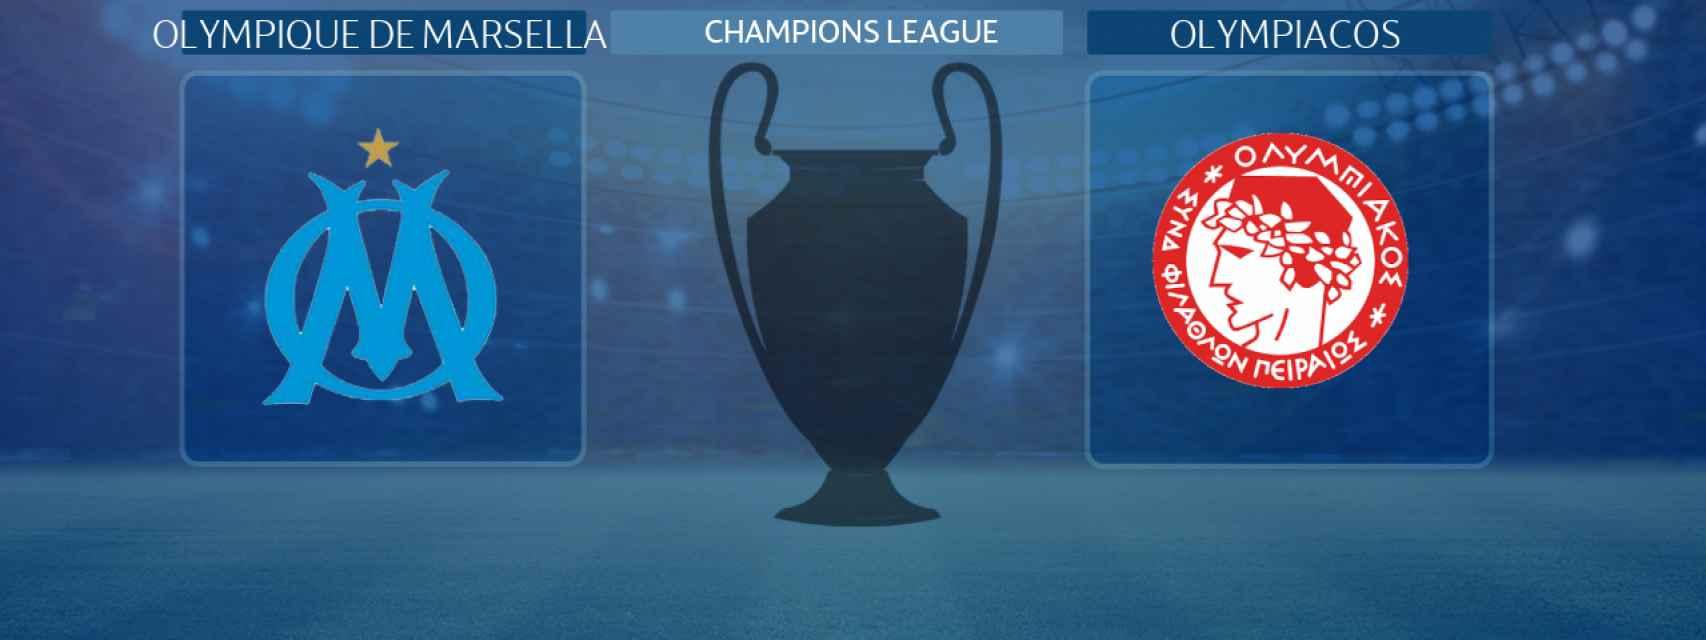 Olympique de Marsella - Olympiacos, partido de la Champions League